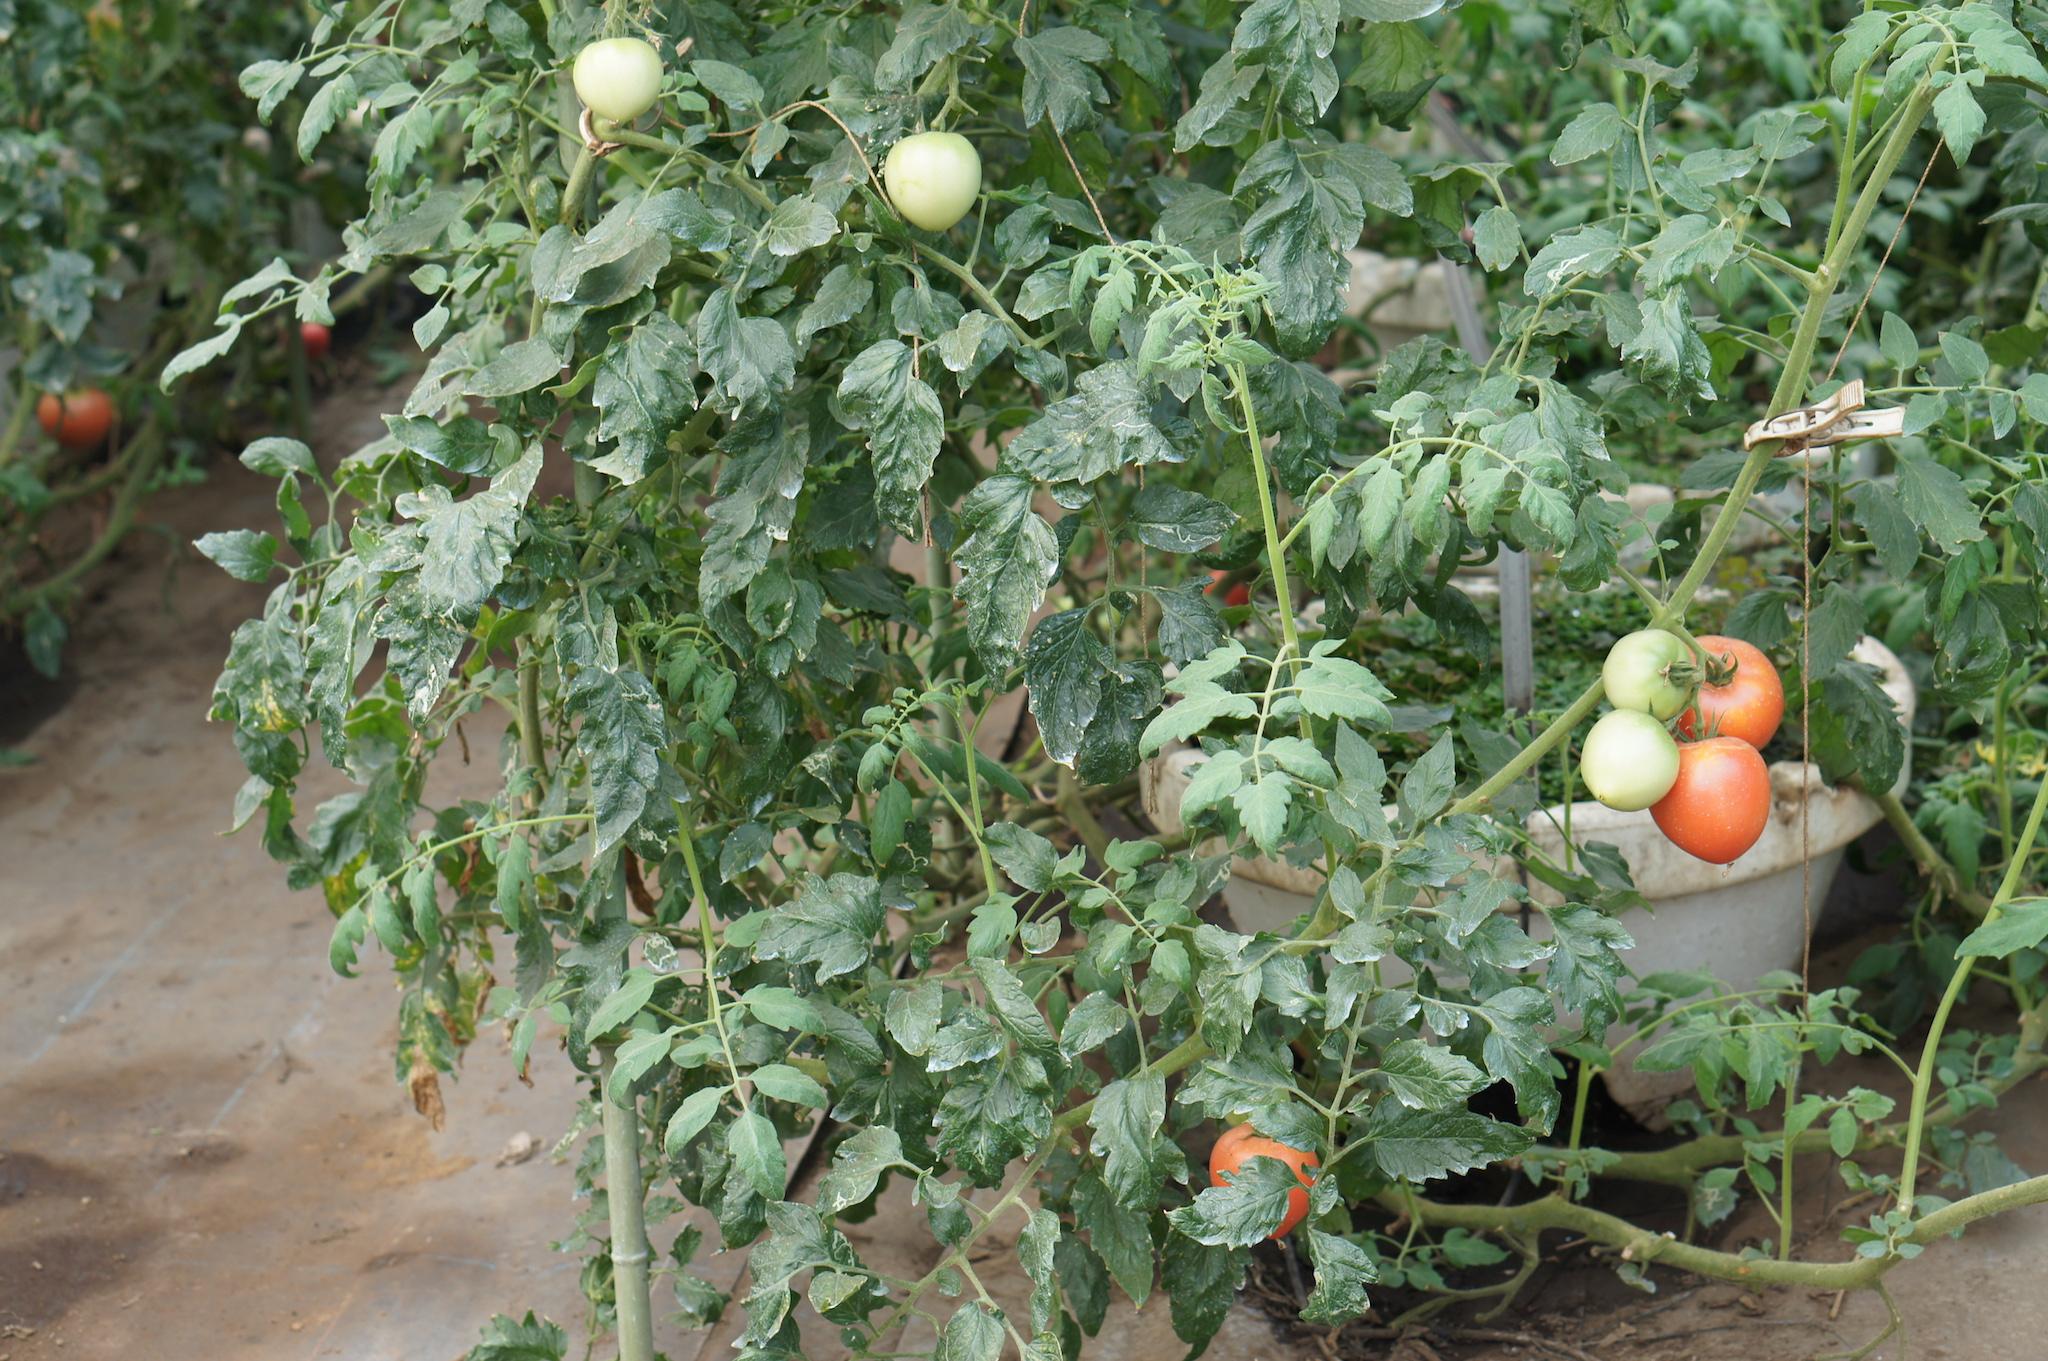 ビニールハウスで収穫前のトマト